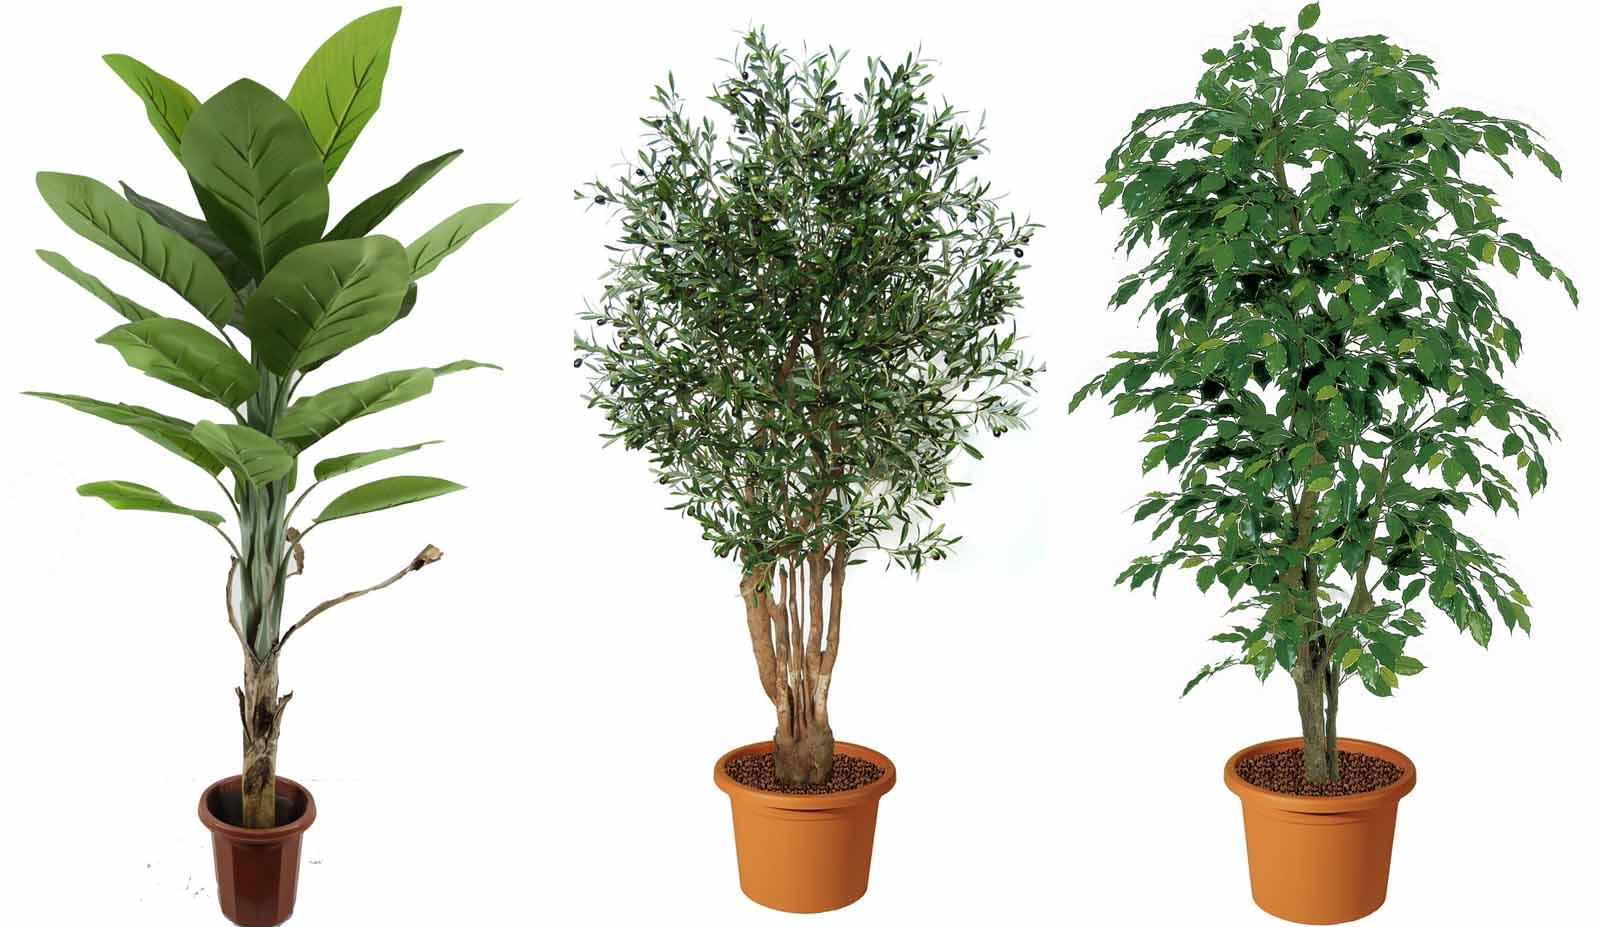 Piante artificiali guida a come usarle in giardino for Piante per ingresso esterno